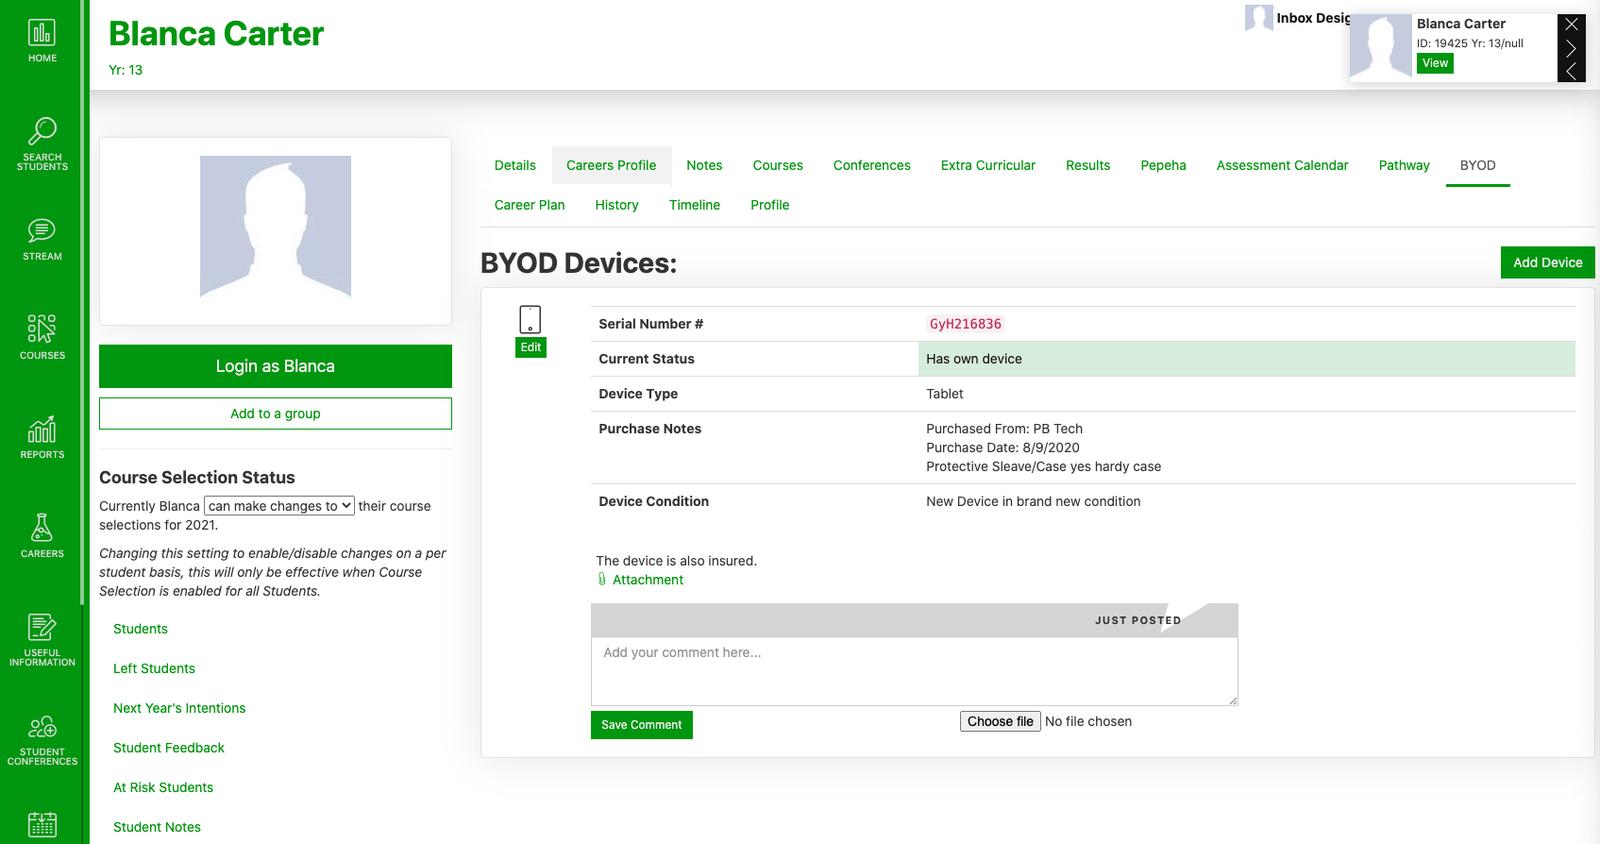 BYOD Admin View